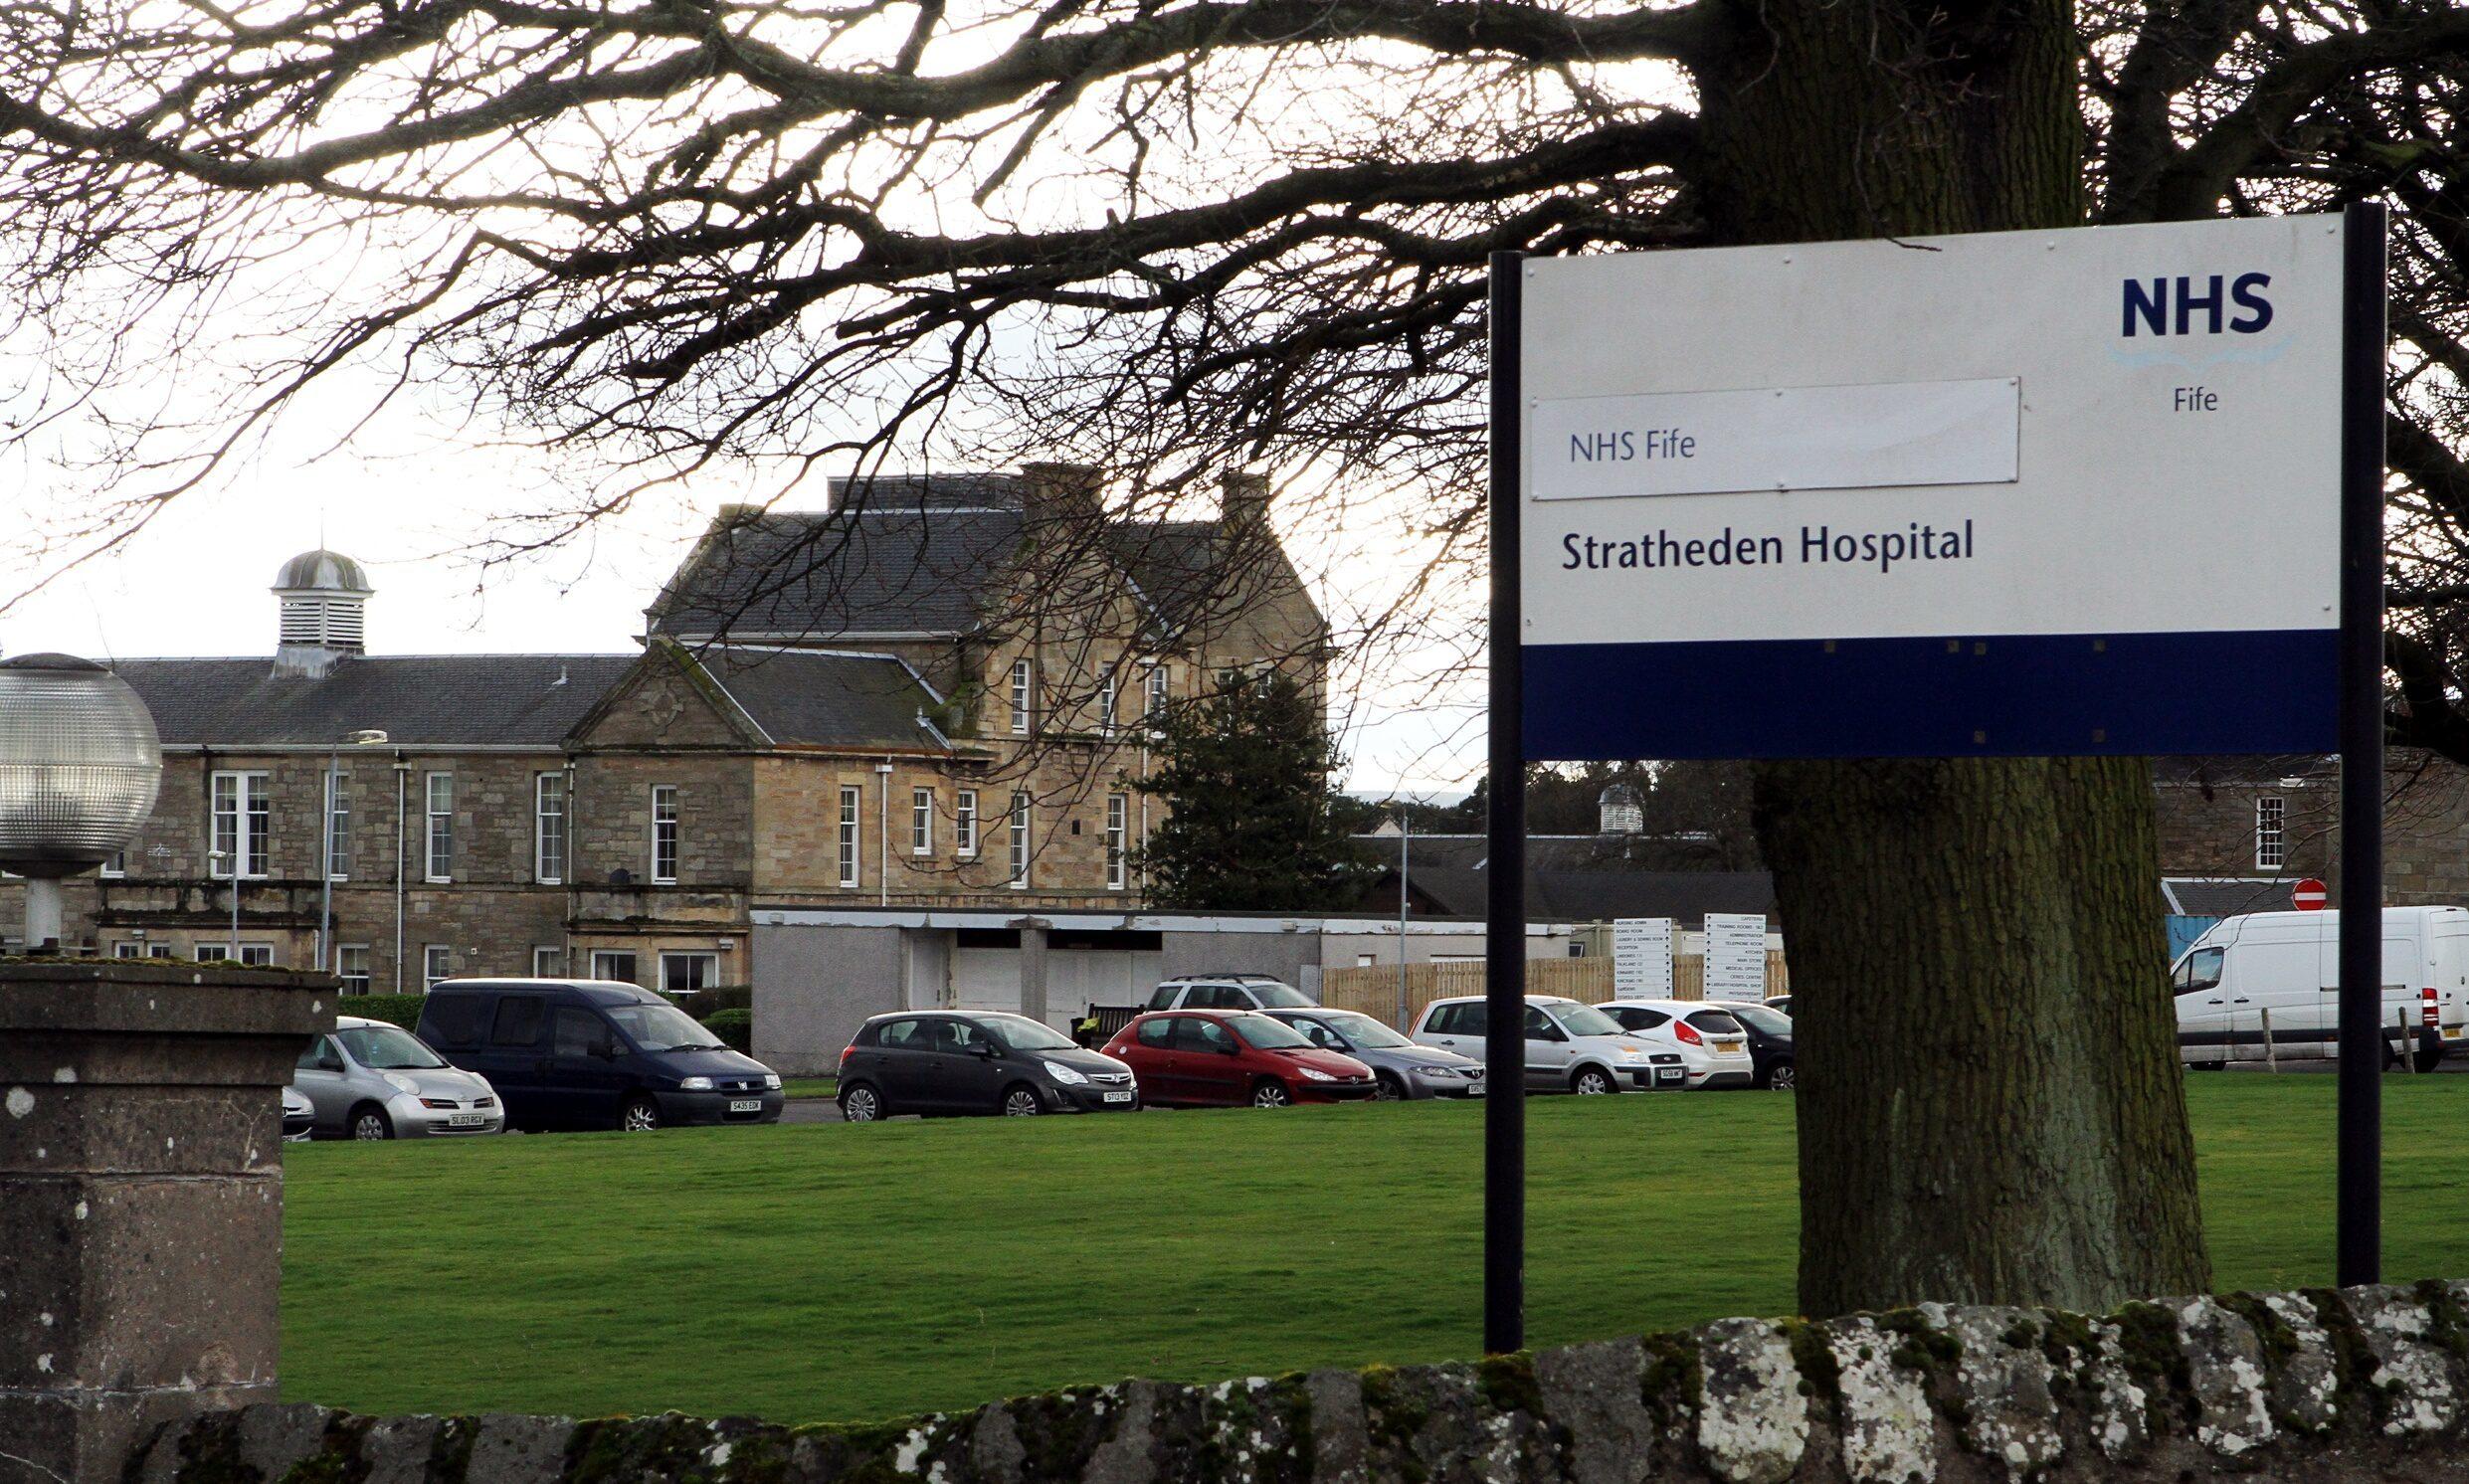 Stratheden Hospital.